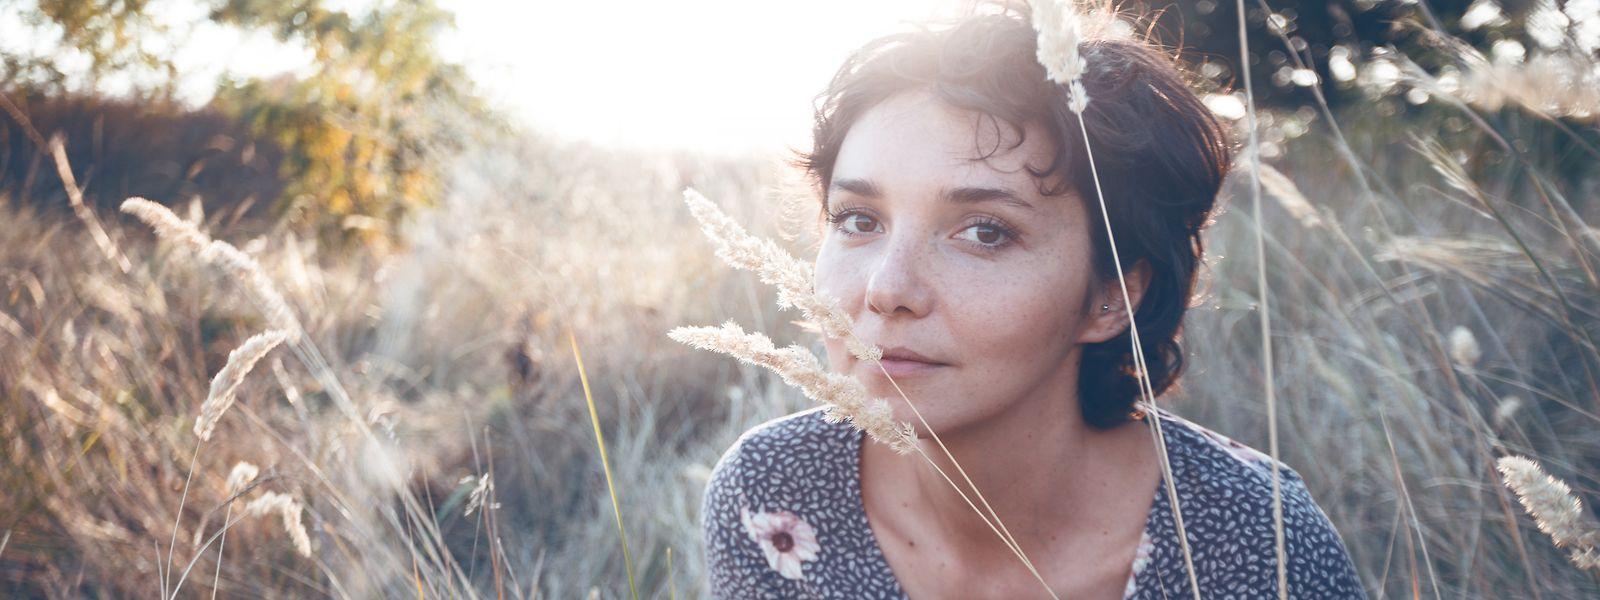 Auch auf Make-up wird zunehmend verzichtet und mehr Wert auf Inhaltsstoffe gelegt, die sowohl für den Körper als auch die Umwelt unbedenklich sind.